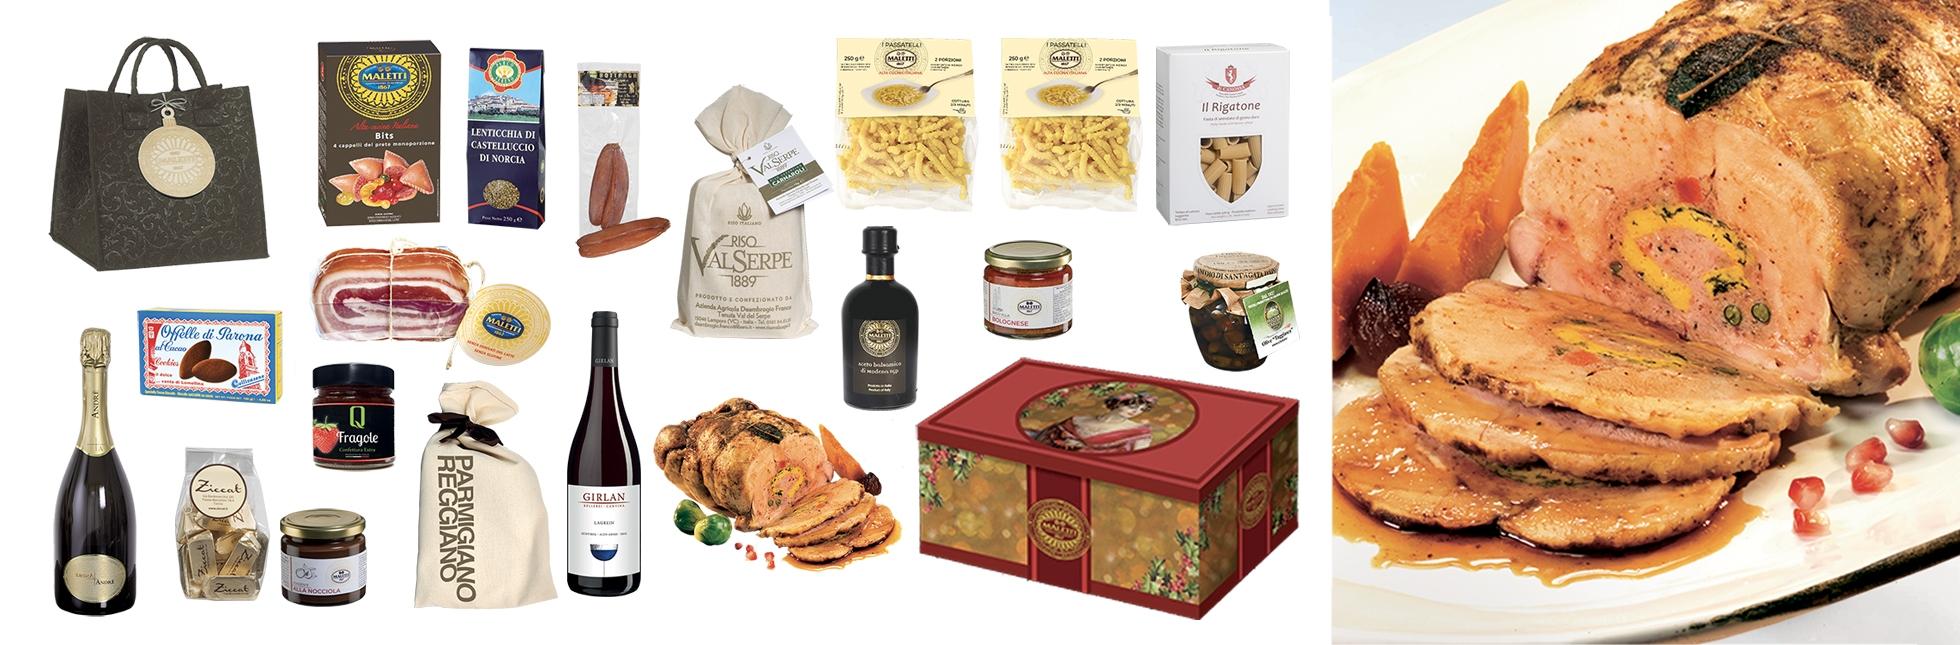 Cesta natalizia enogastronomica ricca di alimenti prelibati